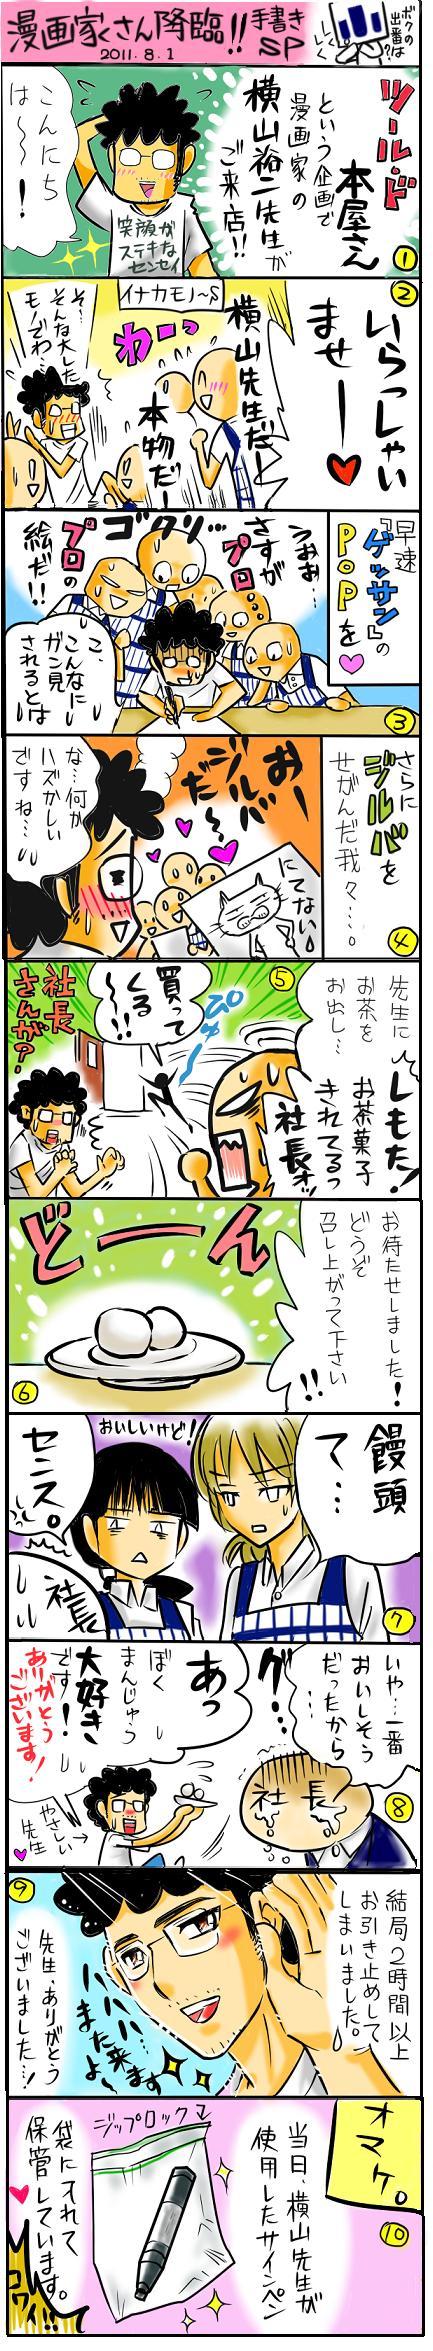 yokoyamasensei10koma.JPG